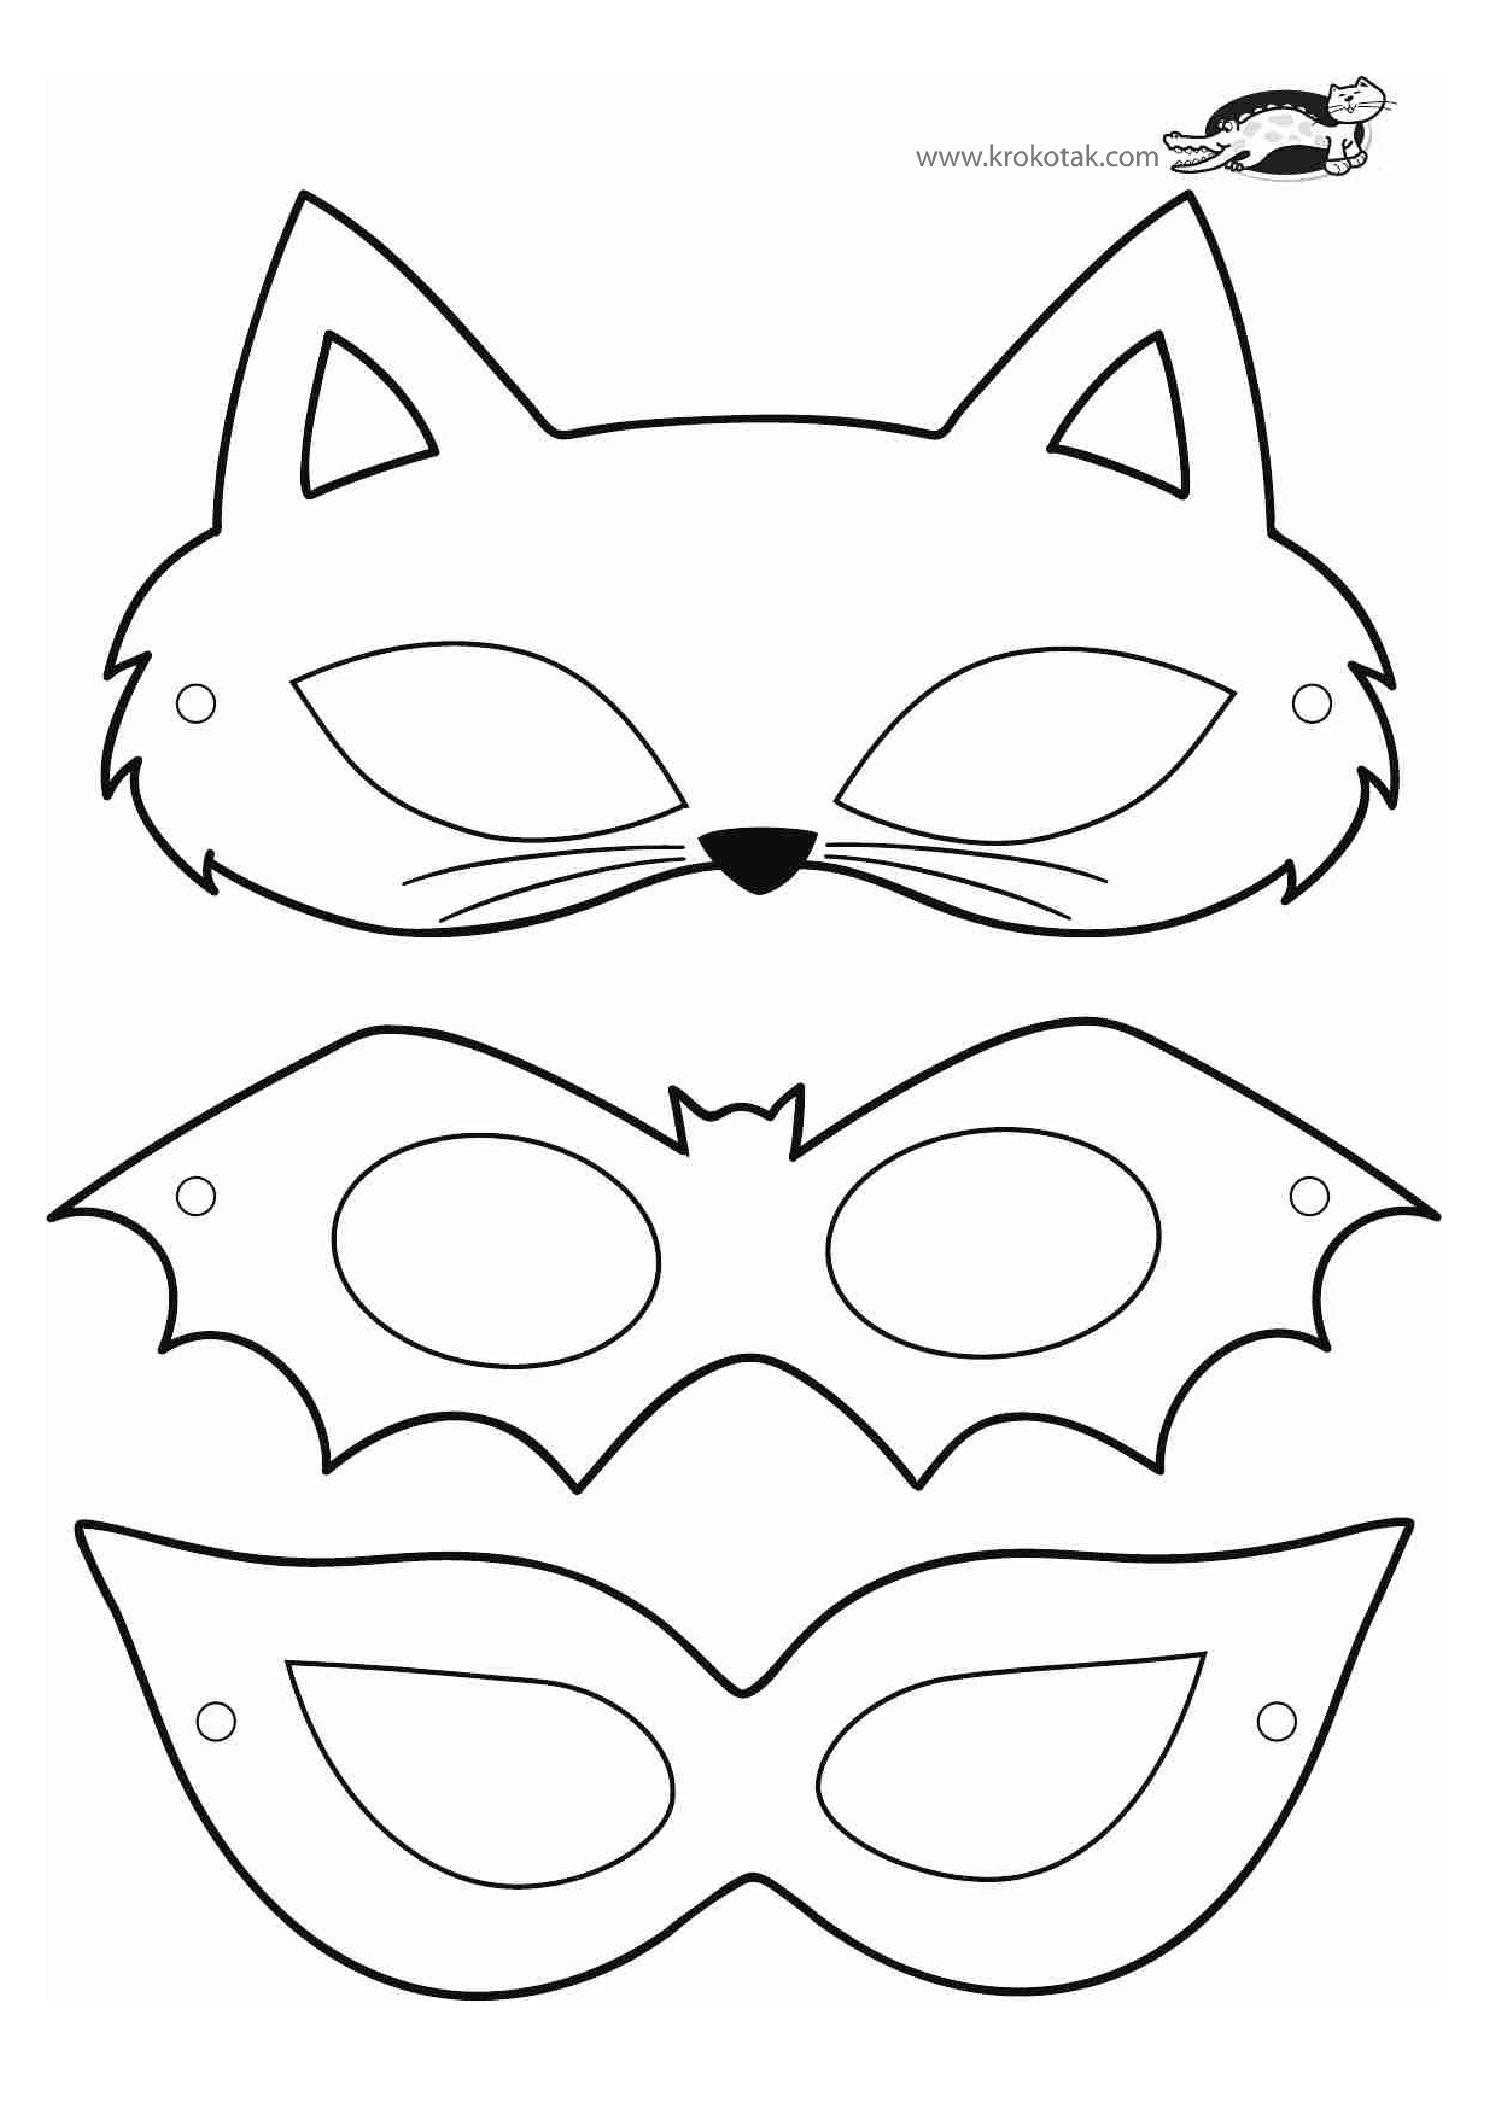 Malvorlagen F Kinder Masken Amorphi